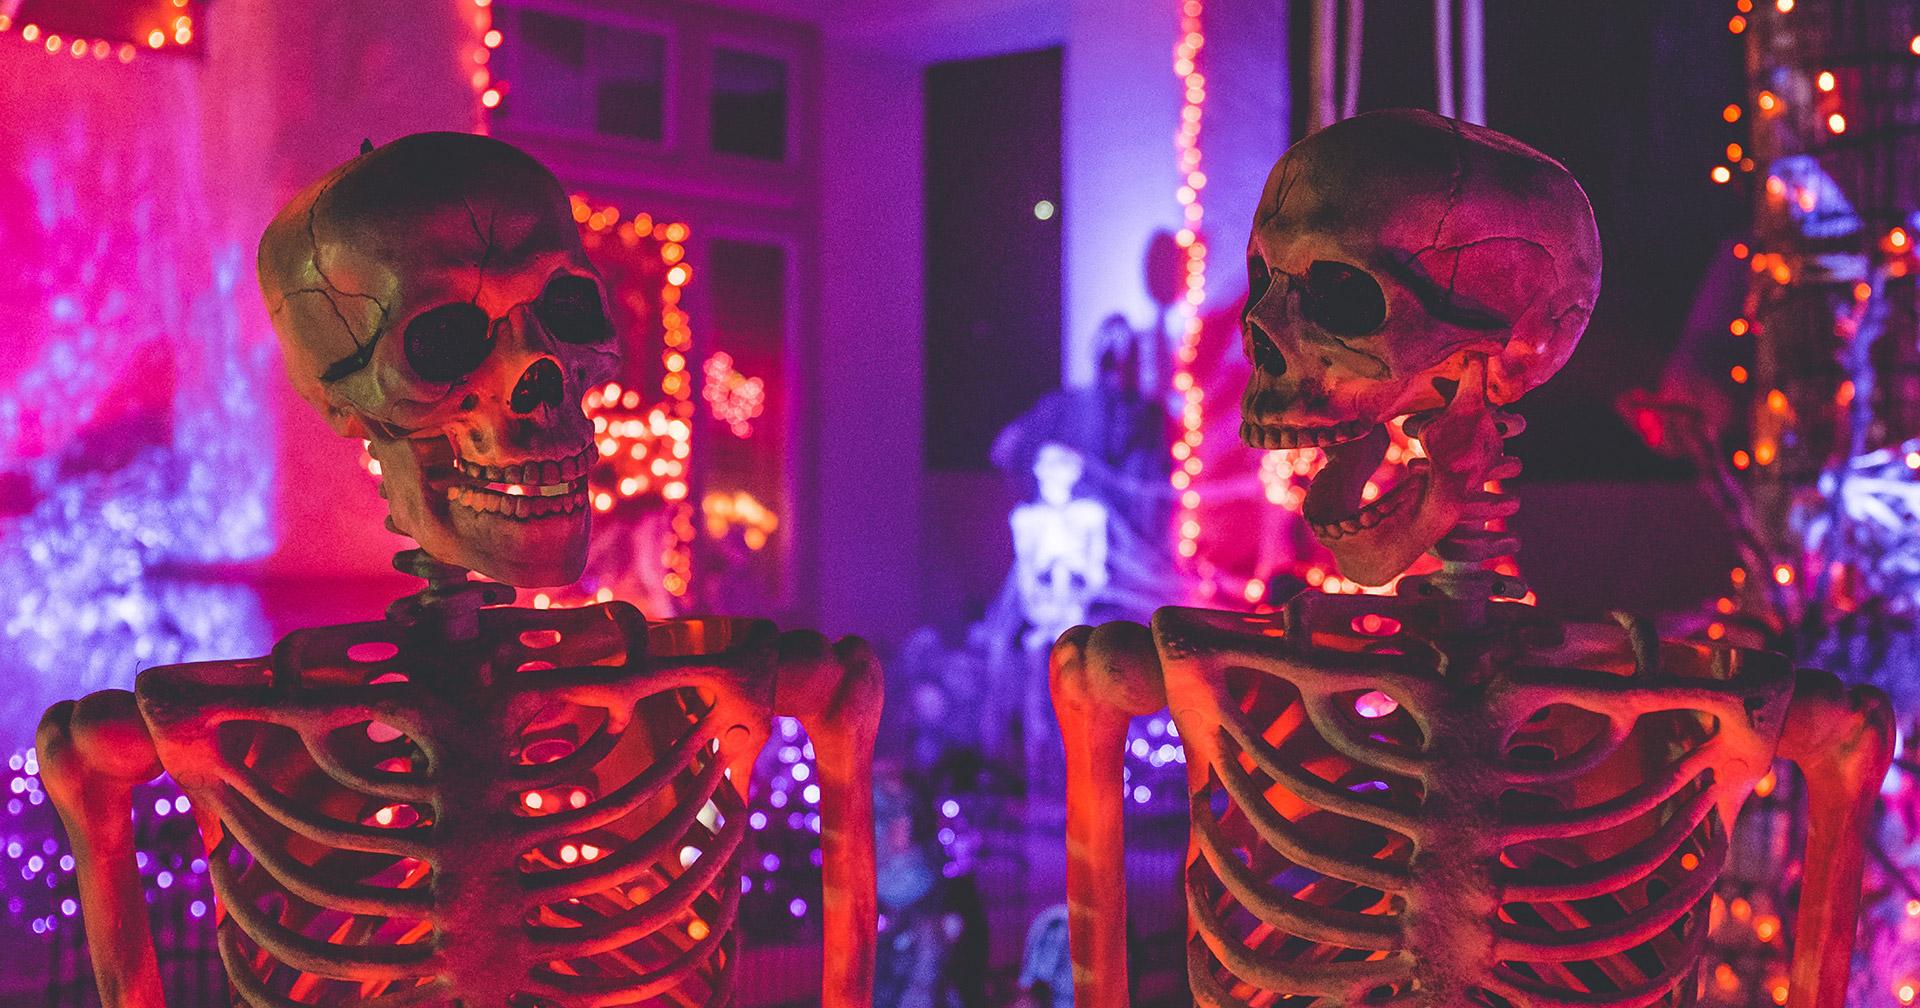 Skeleton_2